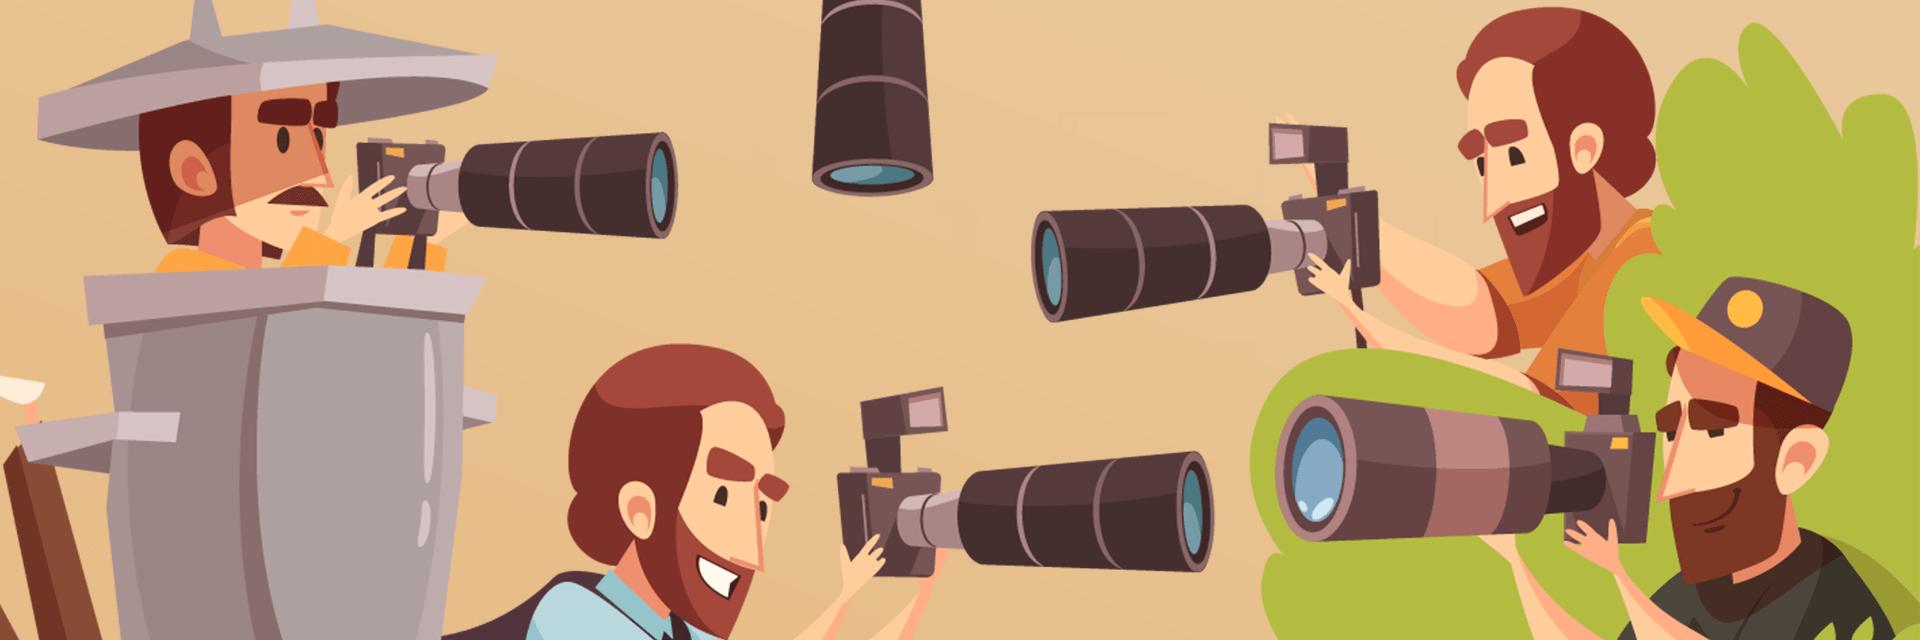 ingyenes stock fotókat keresel? Megmutatjuk a legjobb lelőhelyeket, és azt is, mire használhatod őket